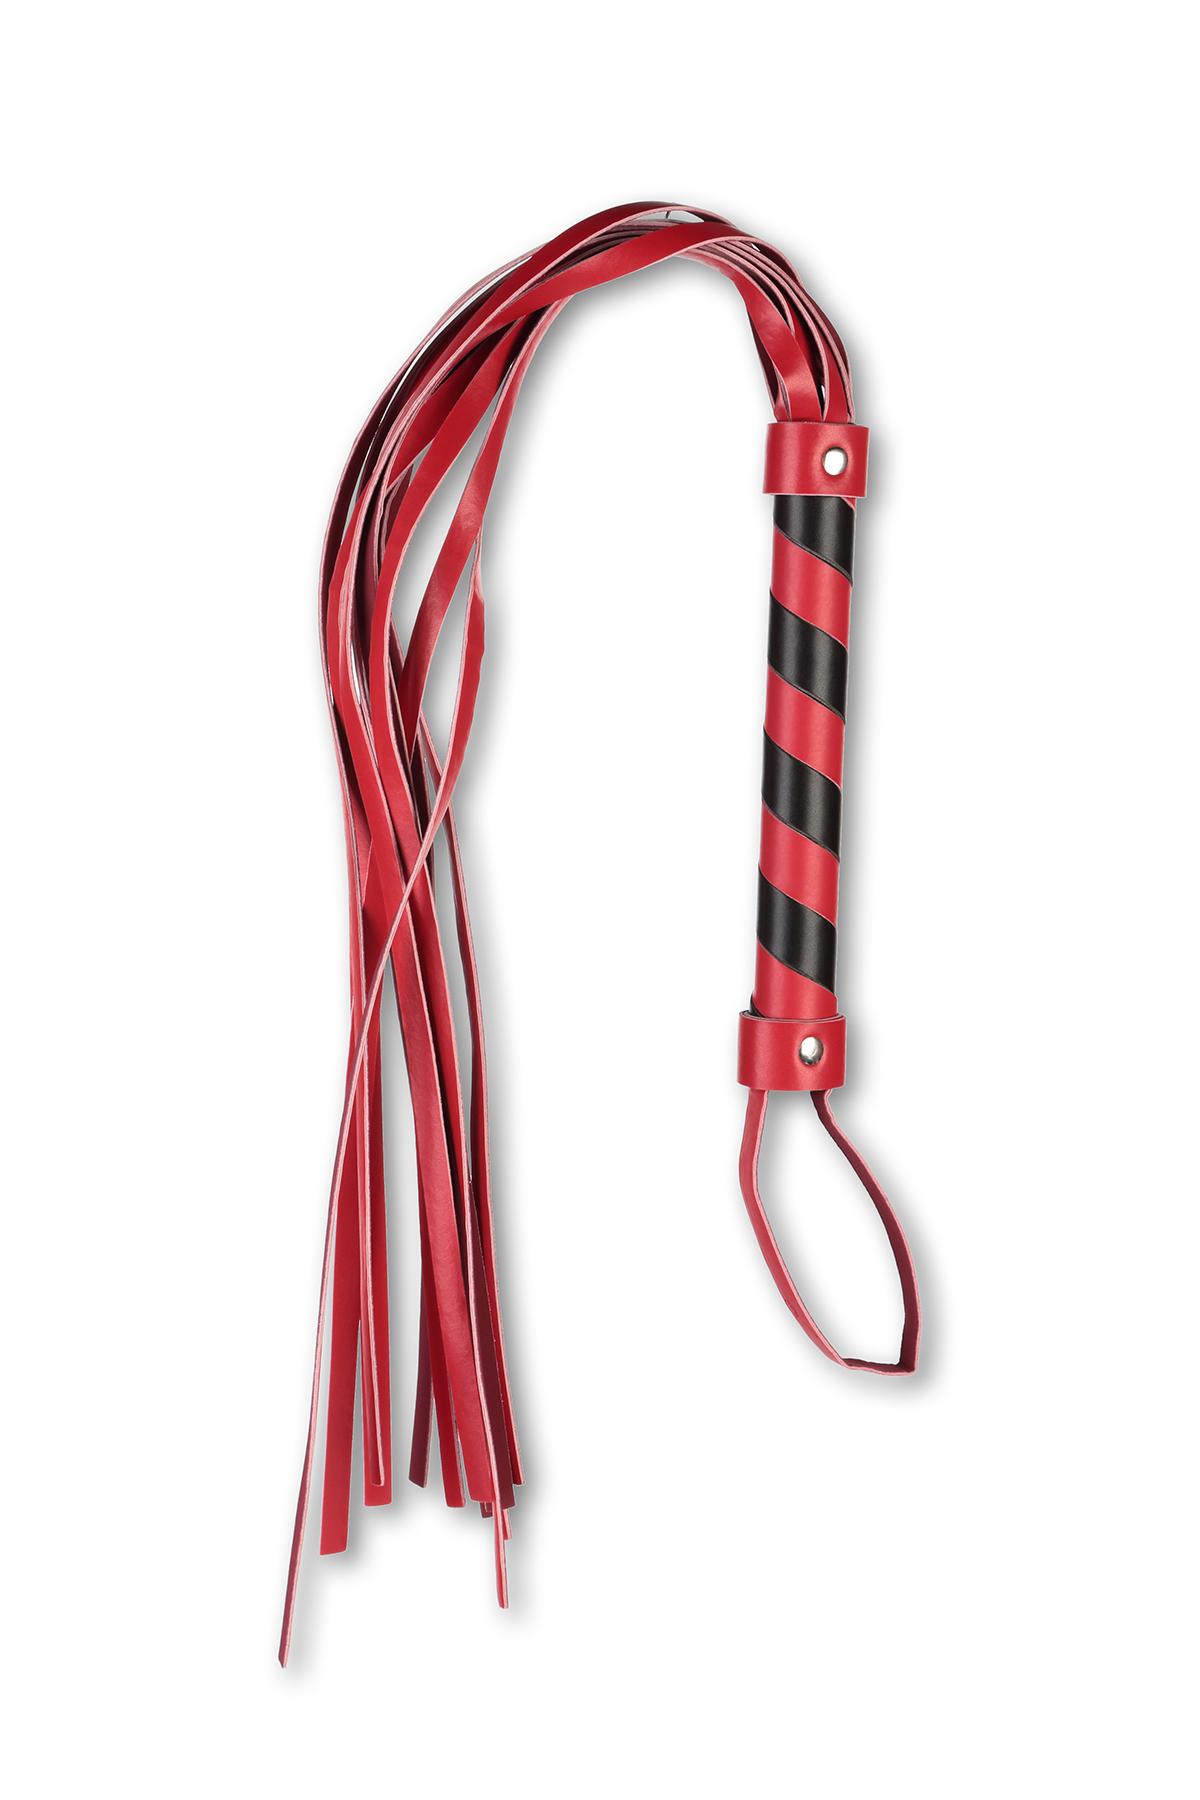 Плеть многохвостовка с красно-черной рукоятью